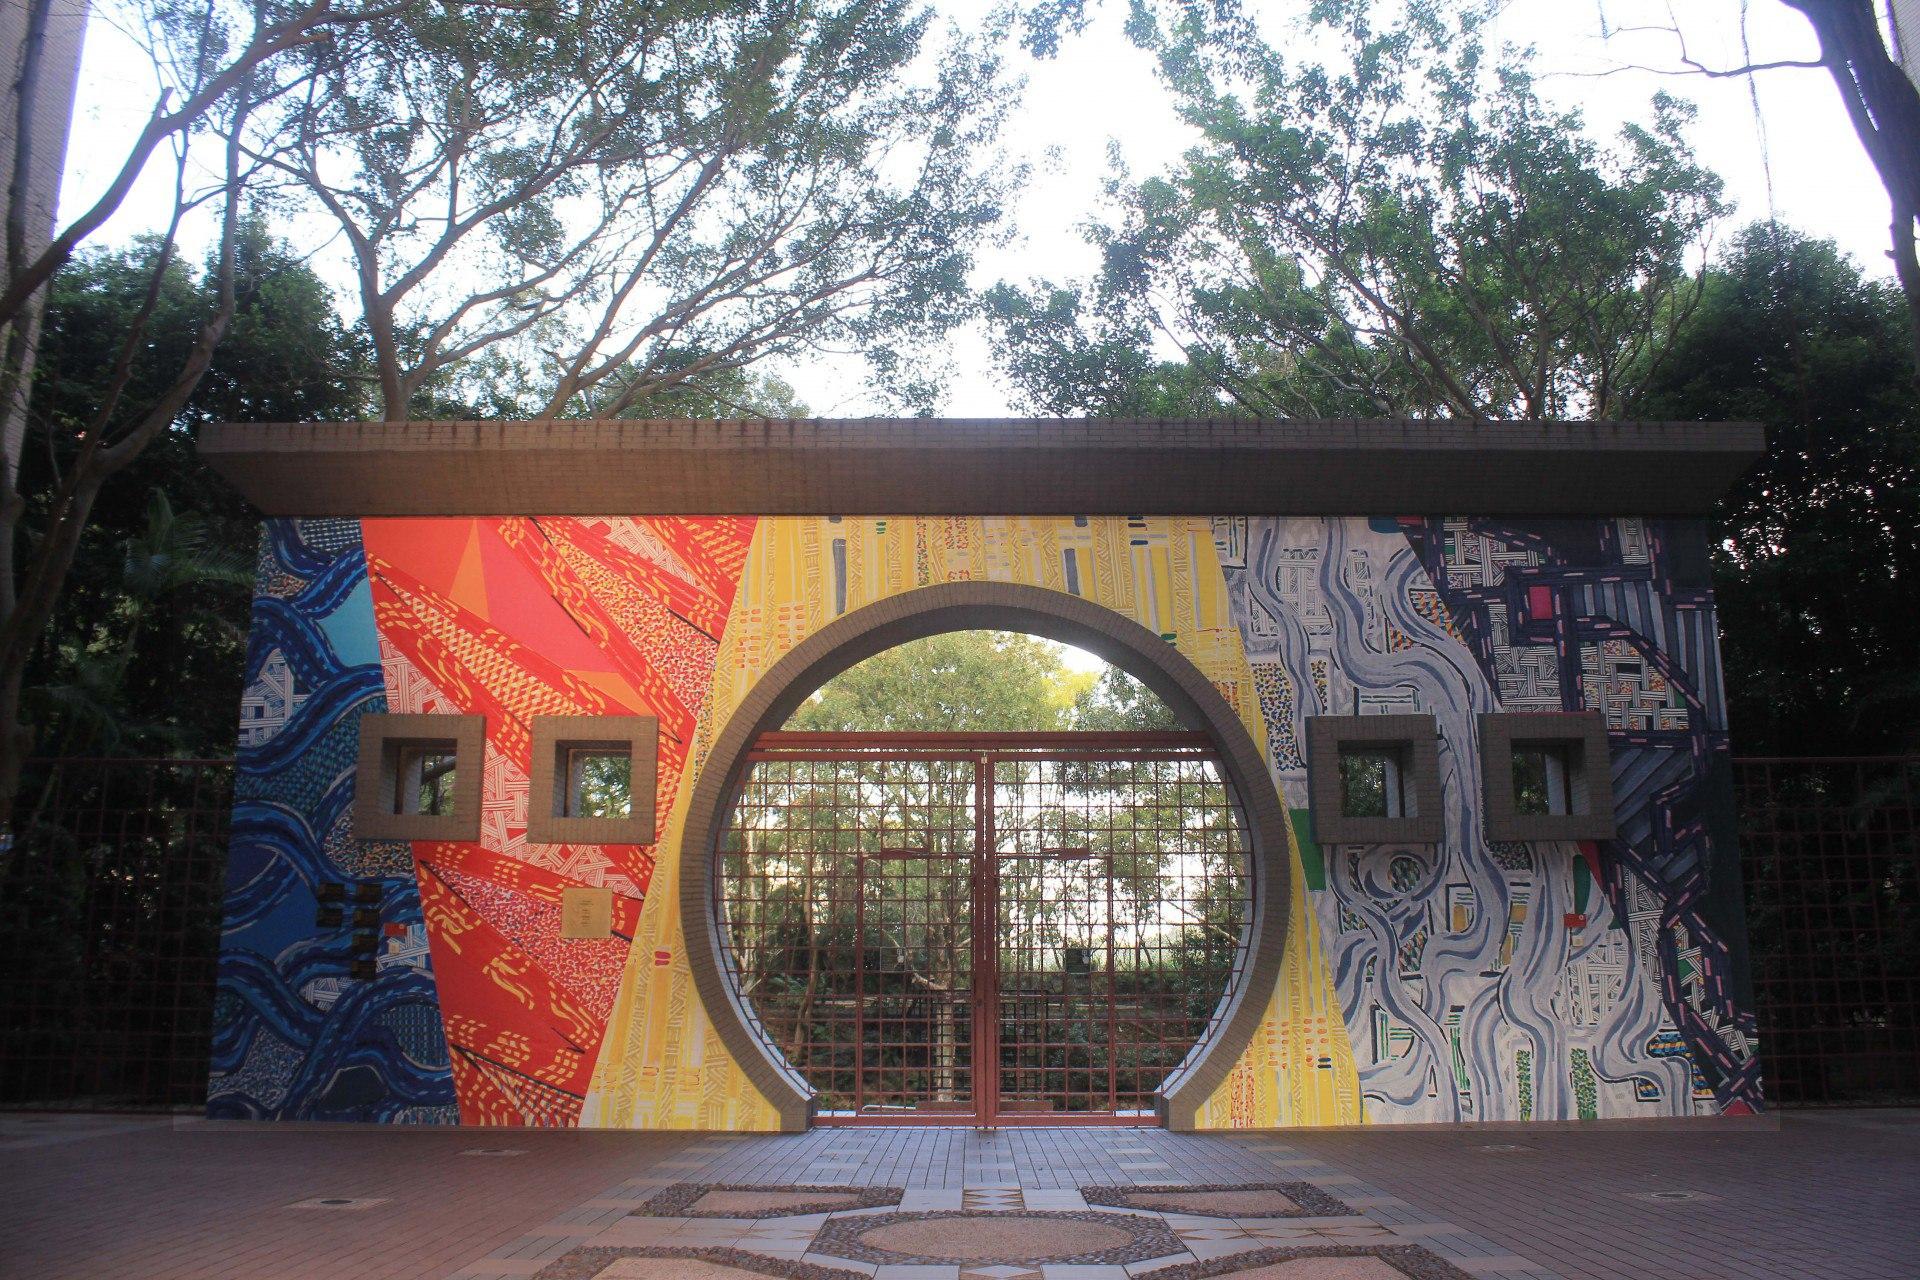 Art:   Moongate of Jungle and Concrete - Julia Vogl